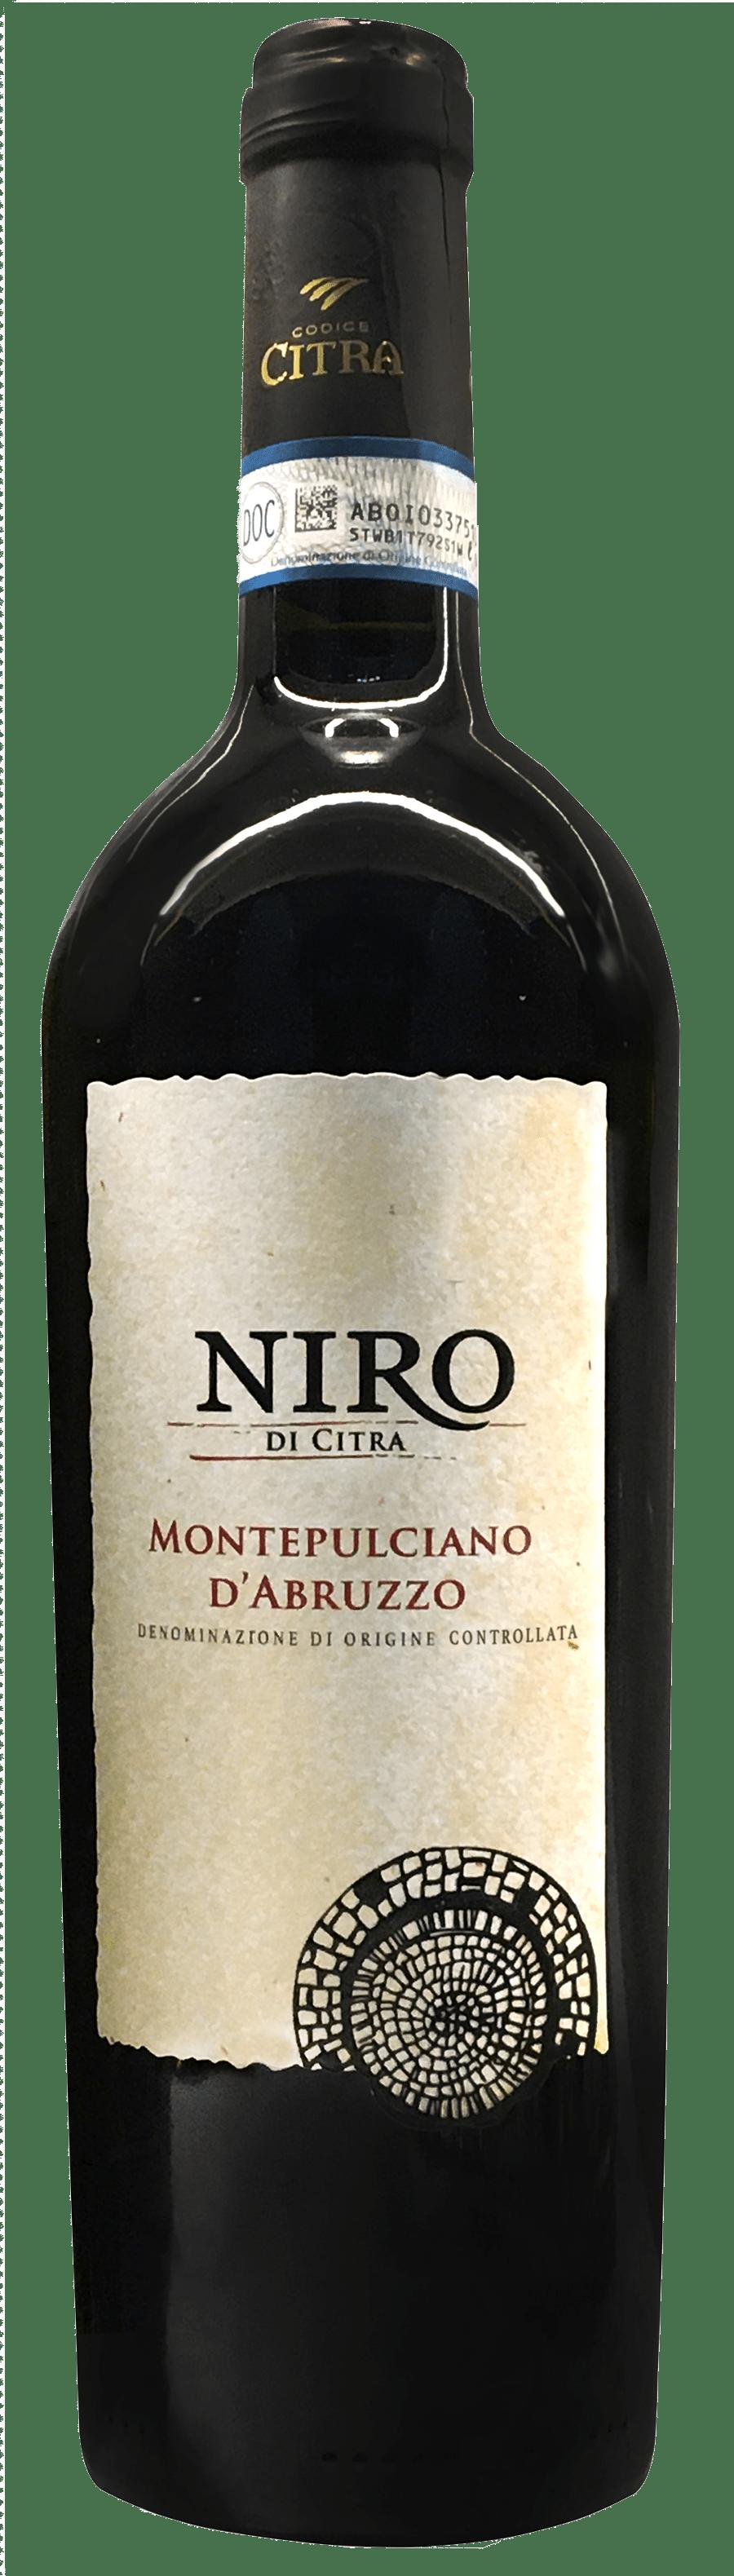 Niro di Citra Montepulciano D'Abruzzo